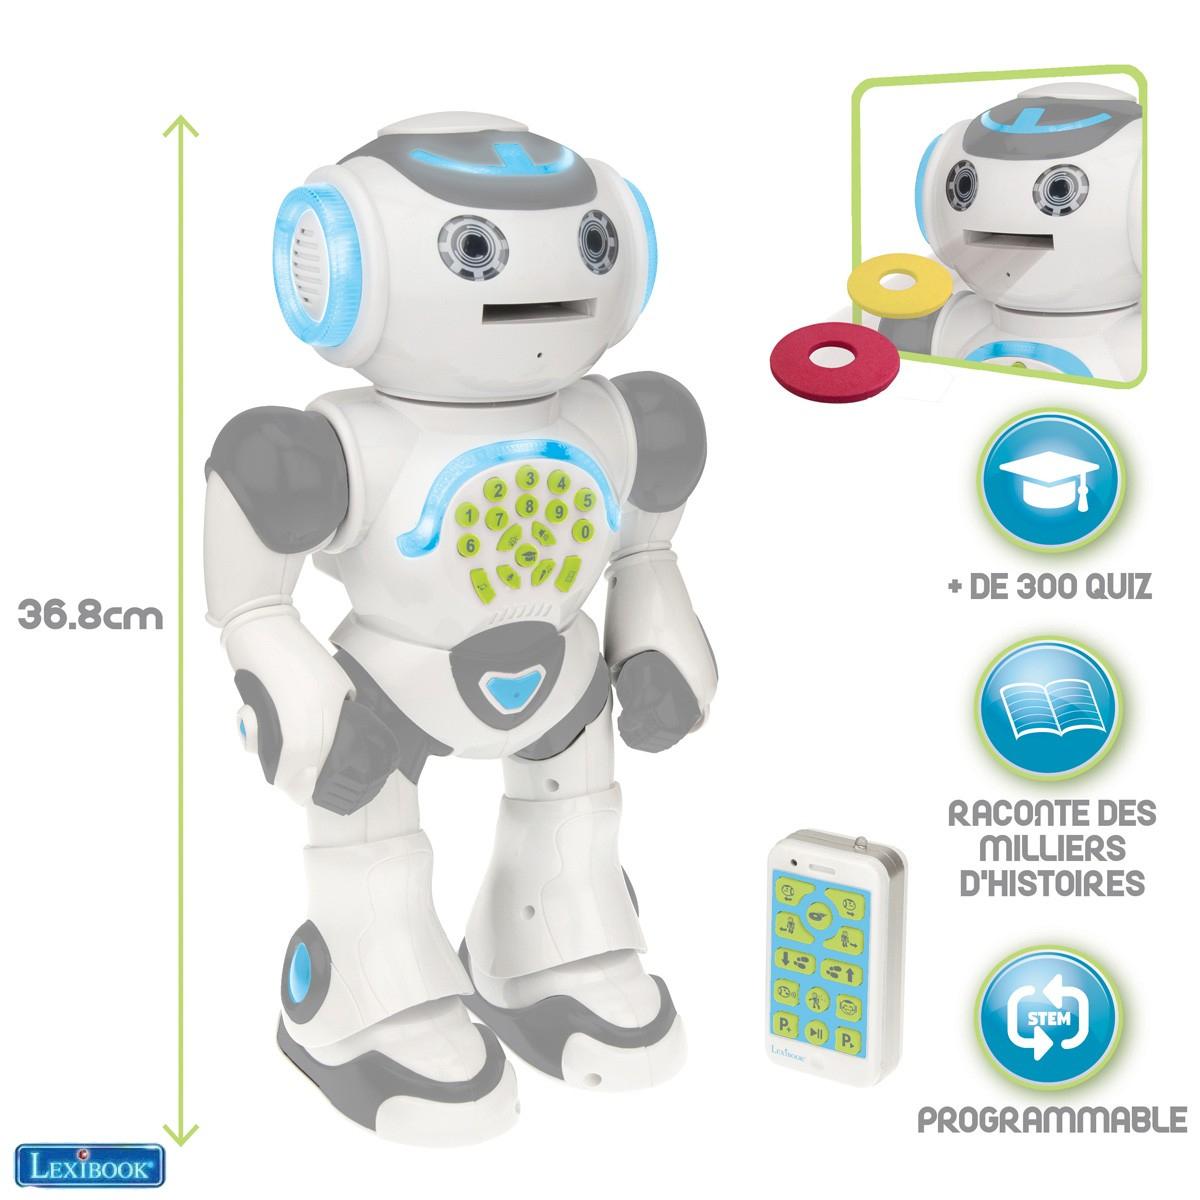 Robot Éducatif & Programmable Powerman® Max tout Logiciel Éducatif En Ligne